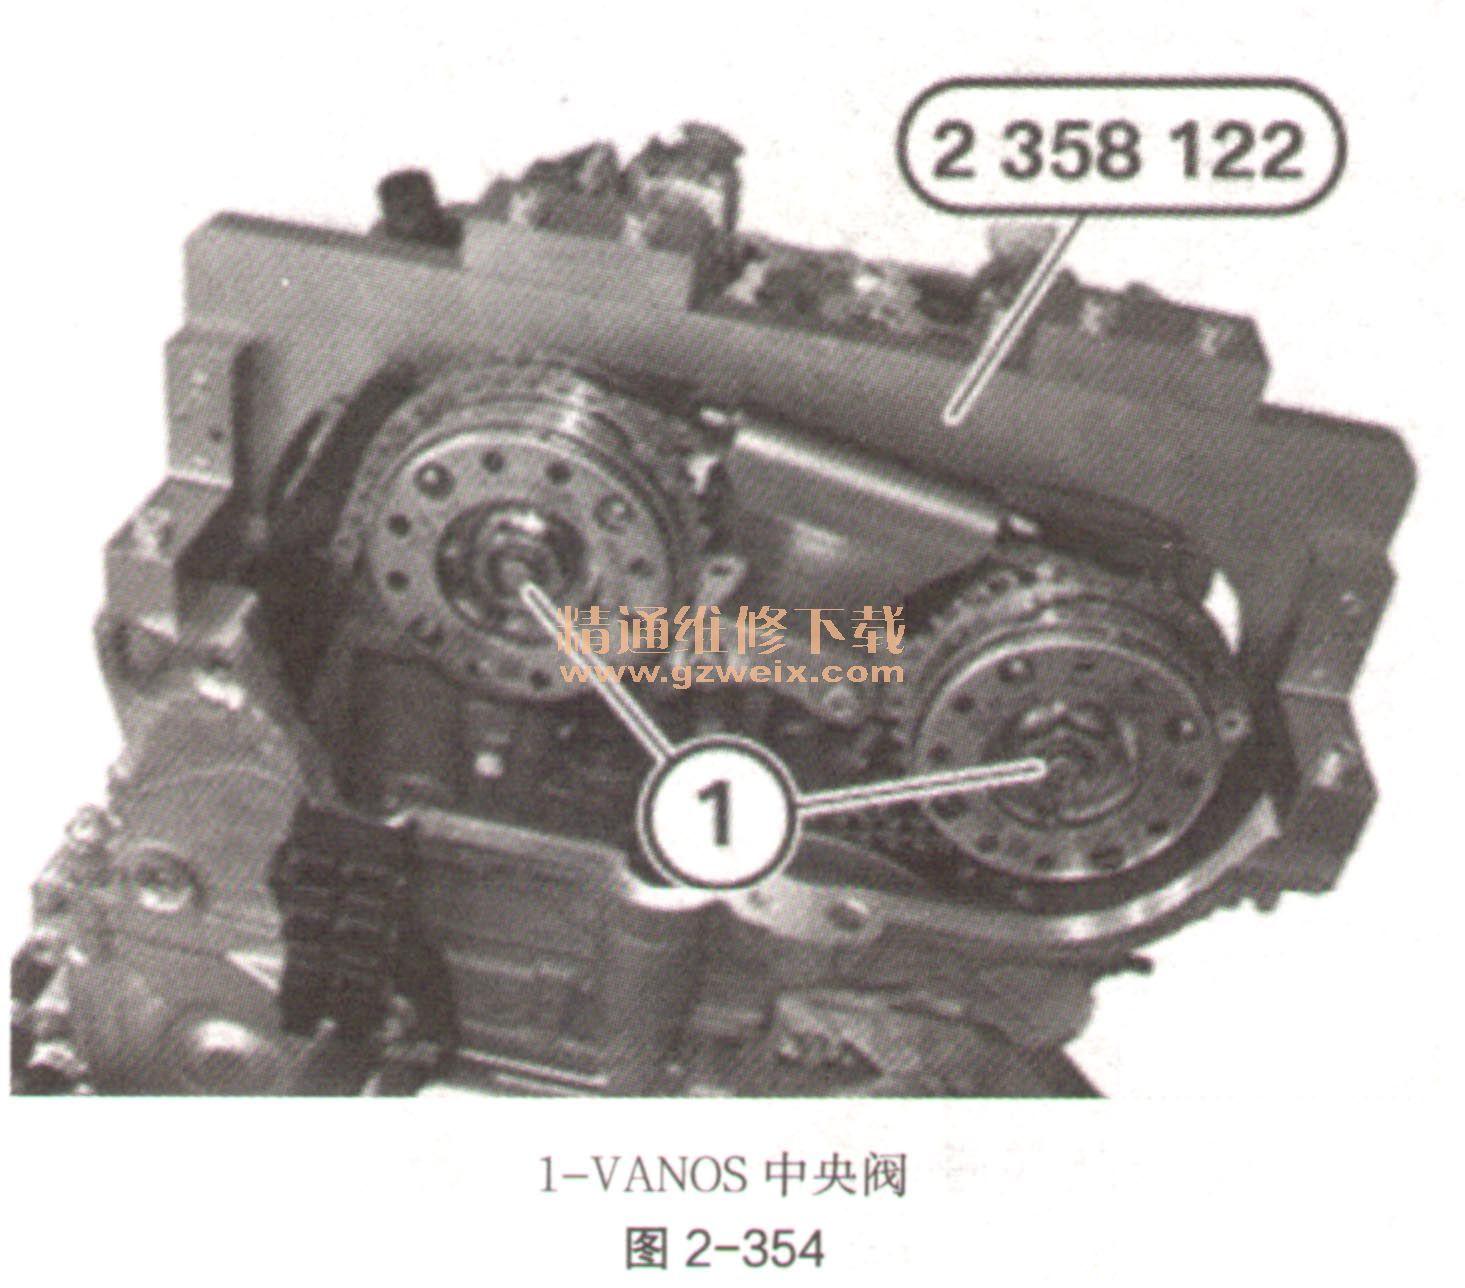 (一)拆卸和安装或更换进气和排气调整装置 (1)需要的专用工具:2 358 122、119 340、009460和116480。 (2)需要的准备工作。 拆下汽缸盖罩。 检查配气相位。 拆下废气触媒转换器。 (3)拆卸。 VANOS中央阀(如图2-354中1)仅在已安装专用工具2 358 122时松开。如需正确安装,请参见维修说明检查配气相位。  松开排气调整装置的VANOS中央阀(如图2-355中1)。  松开进气调整装置的VANOS中央阀。 拆下专用工具11 9 340(如图2-356),